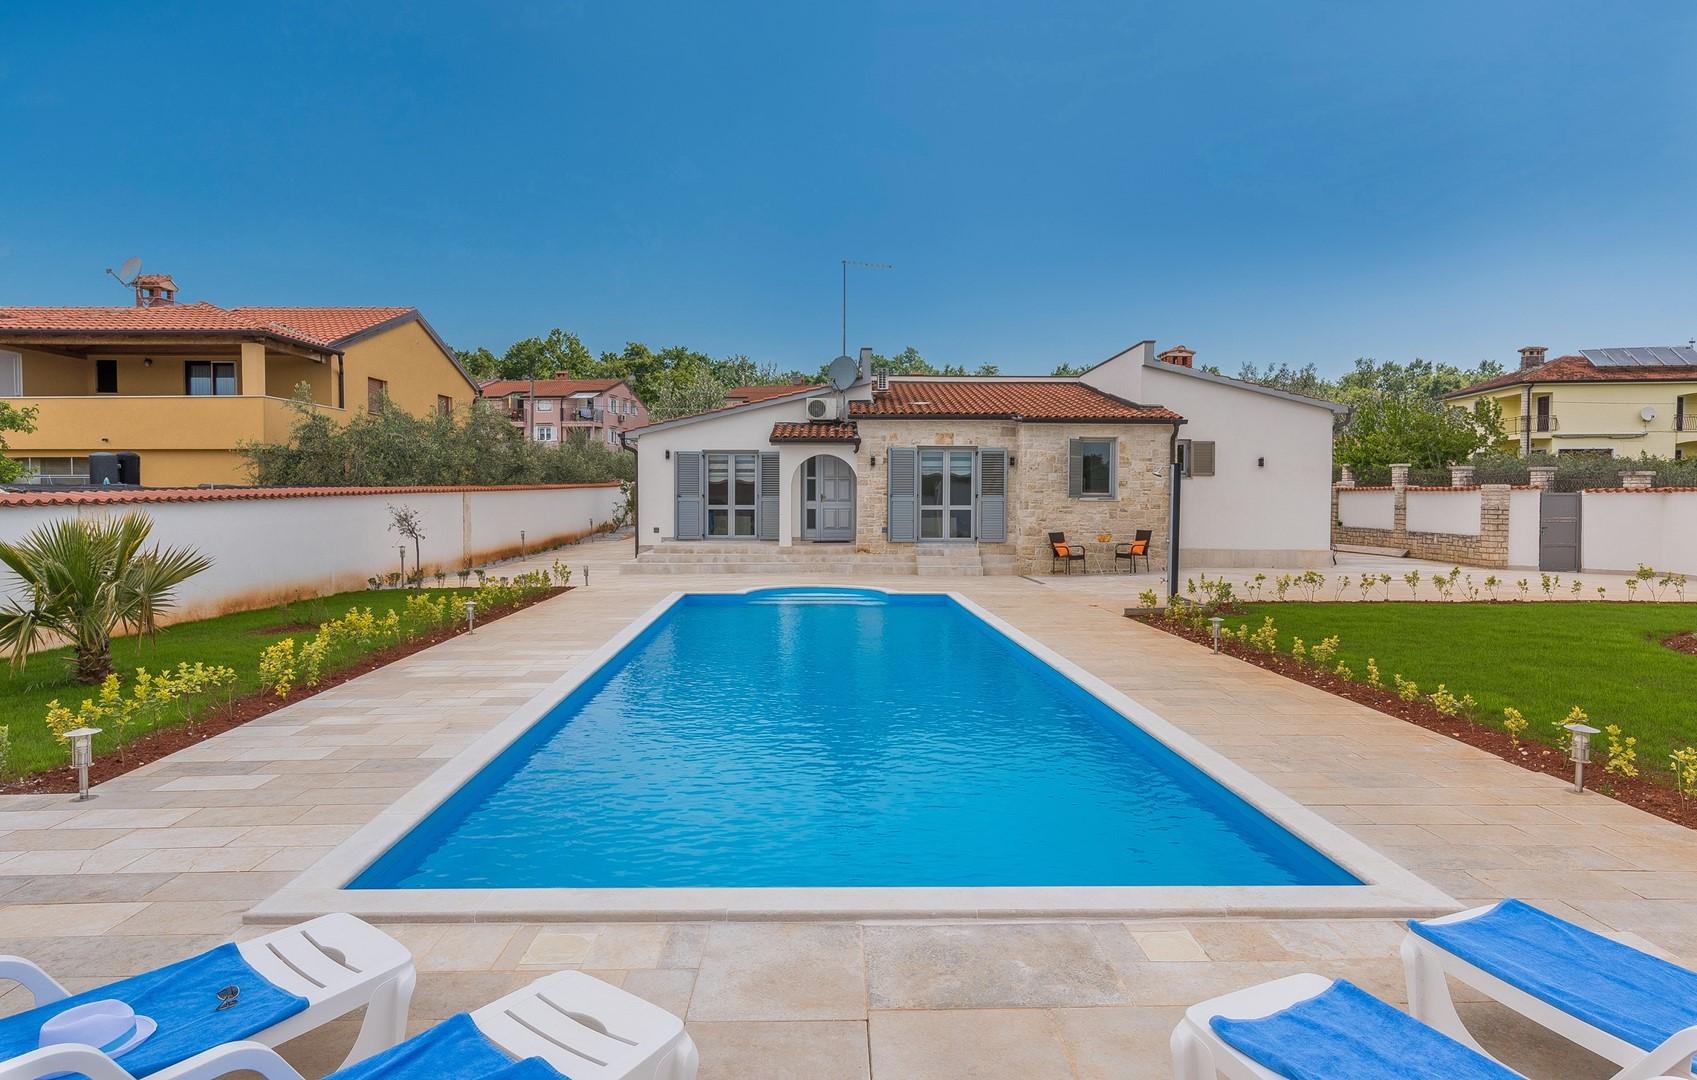 Ferienhaus Laura mit Pool (2616220), Poreč, , Istrien, Kroatien, Bild 2